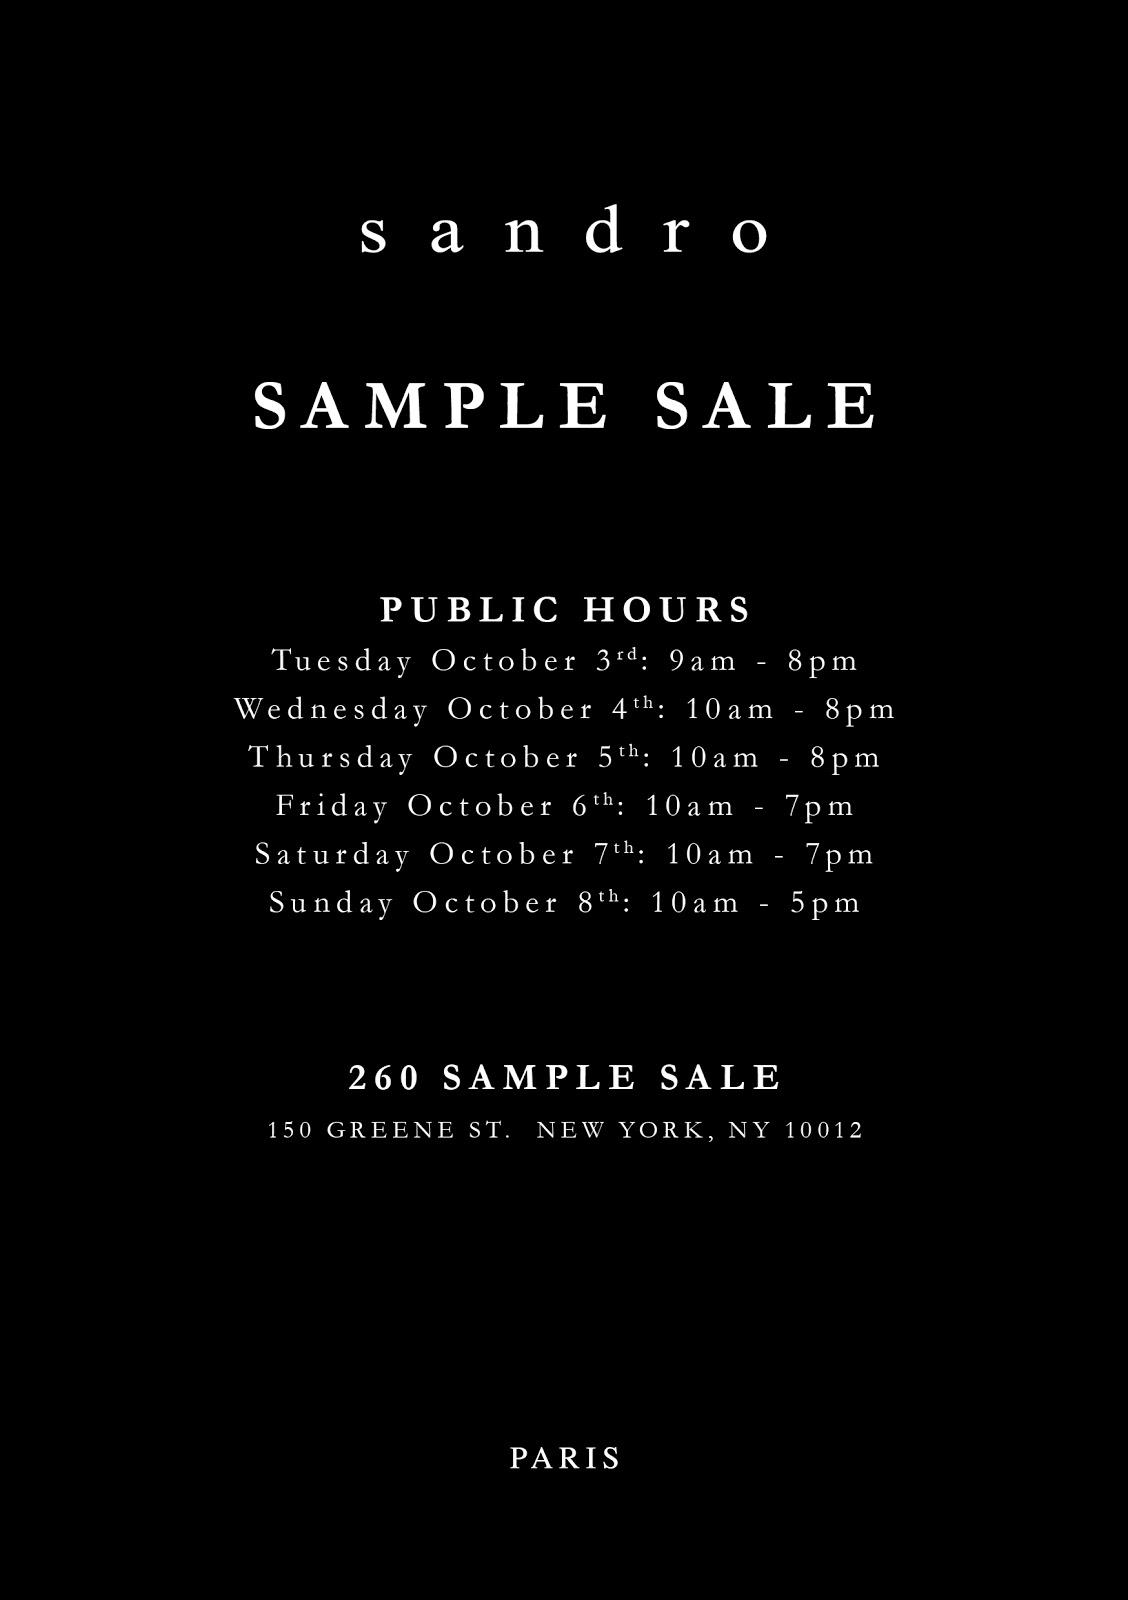 Sandro 260 Sample Sale Fall Evite Public.jpg